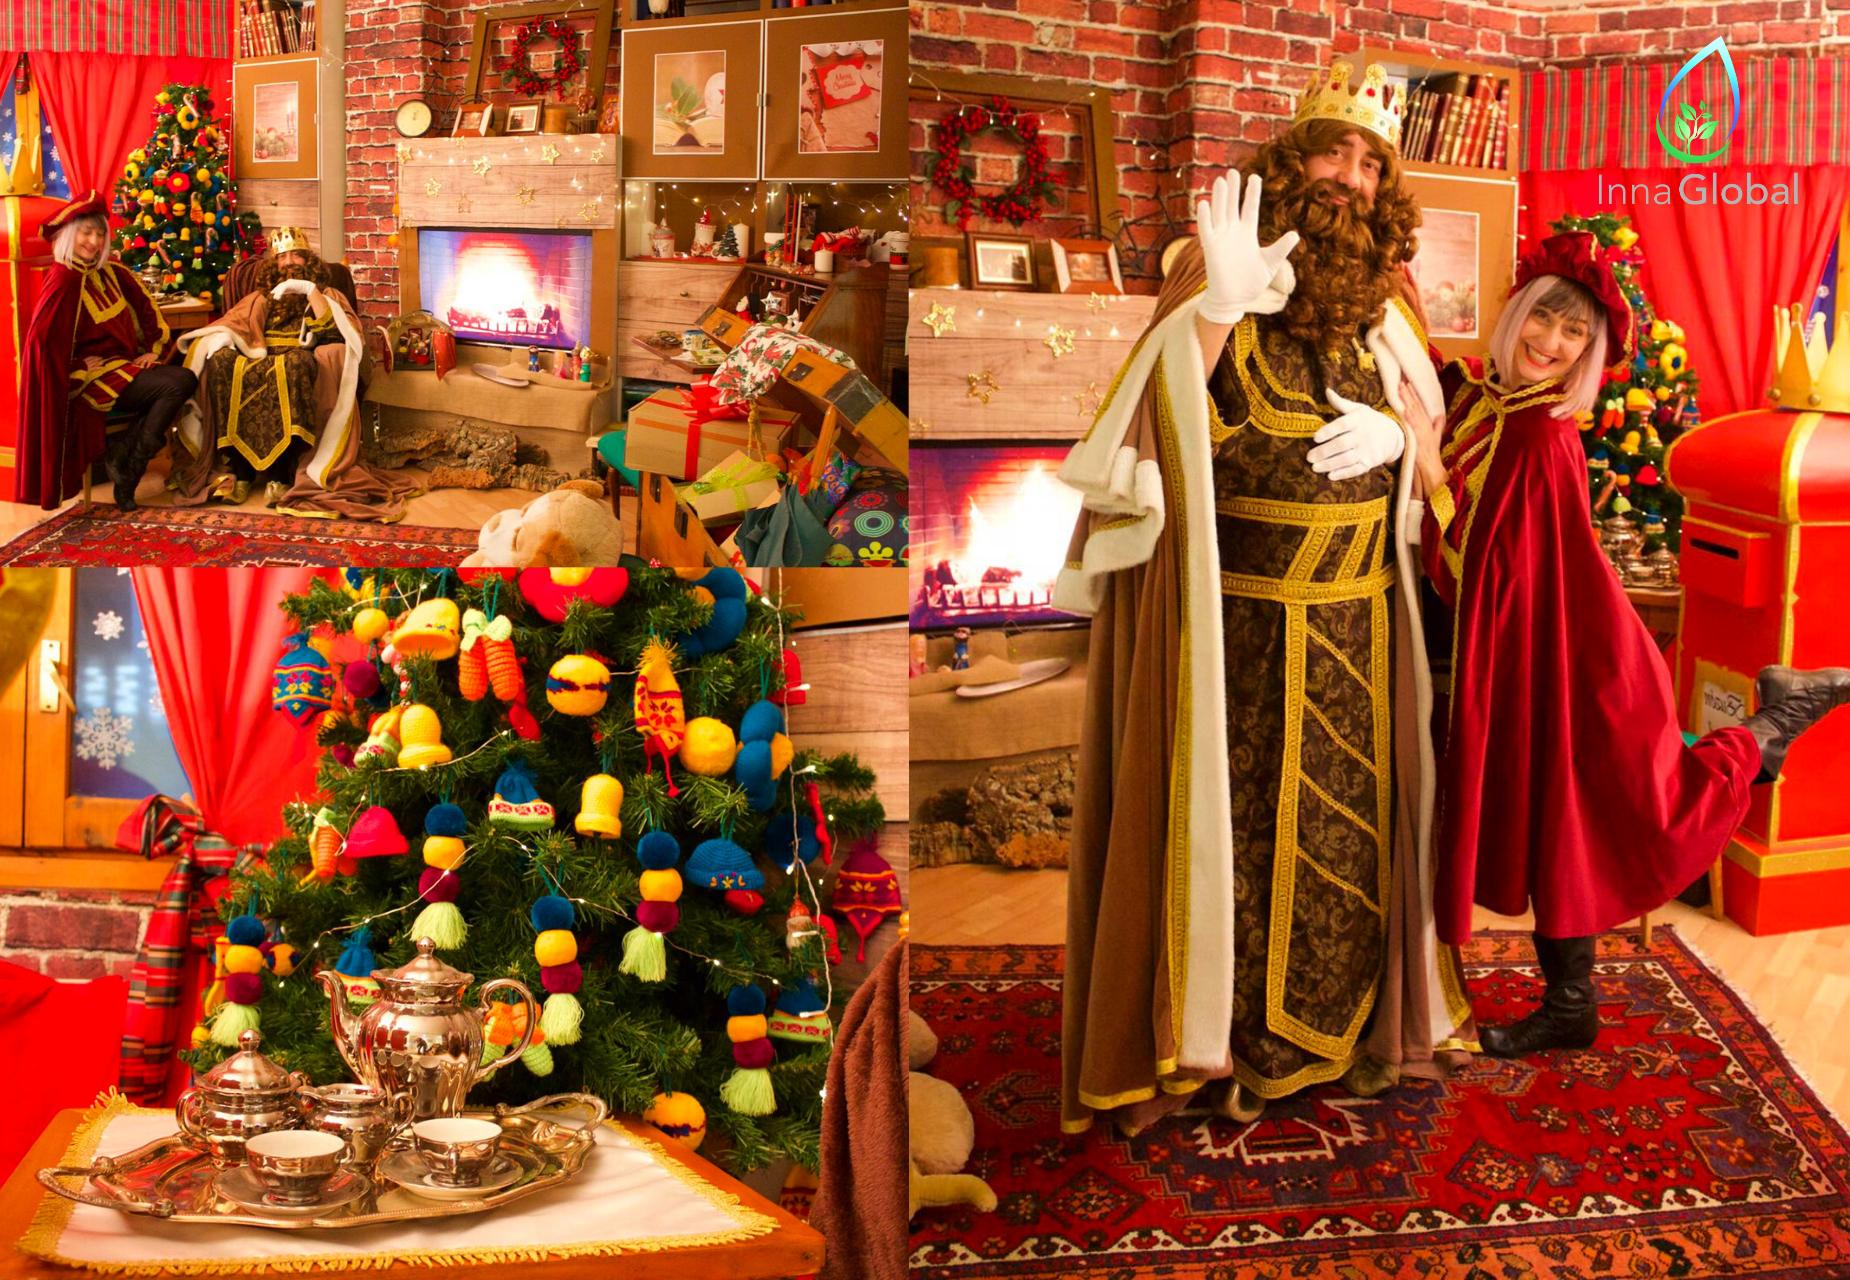 Llevamos a los Reyes Magos, Papá Noel, los elfos y pajes a todos los hogares desde nuestra Casita de Navidad virtual